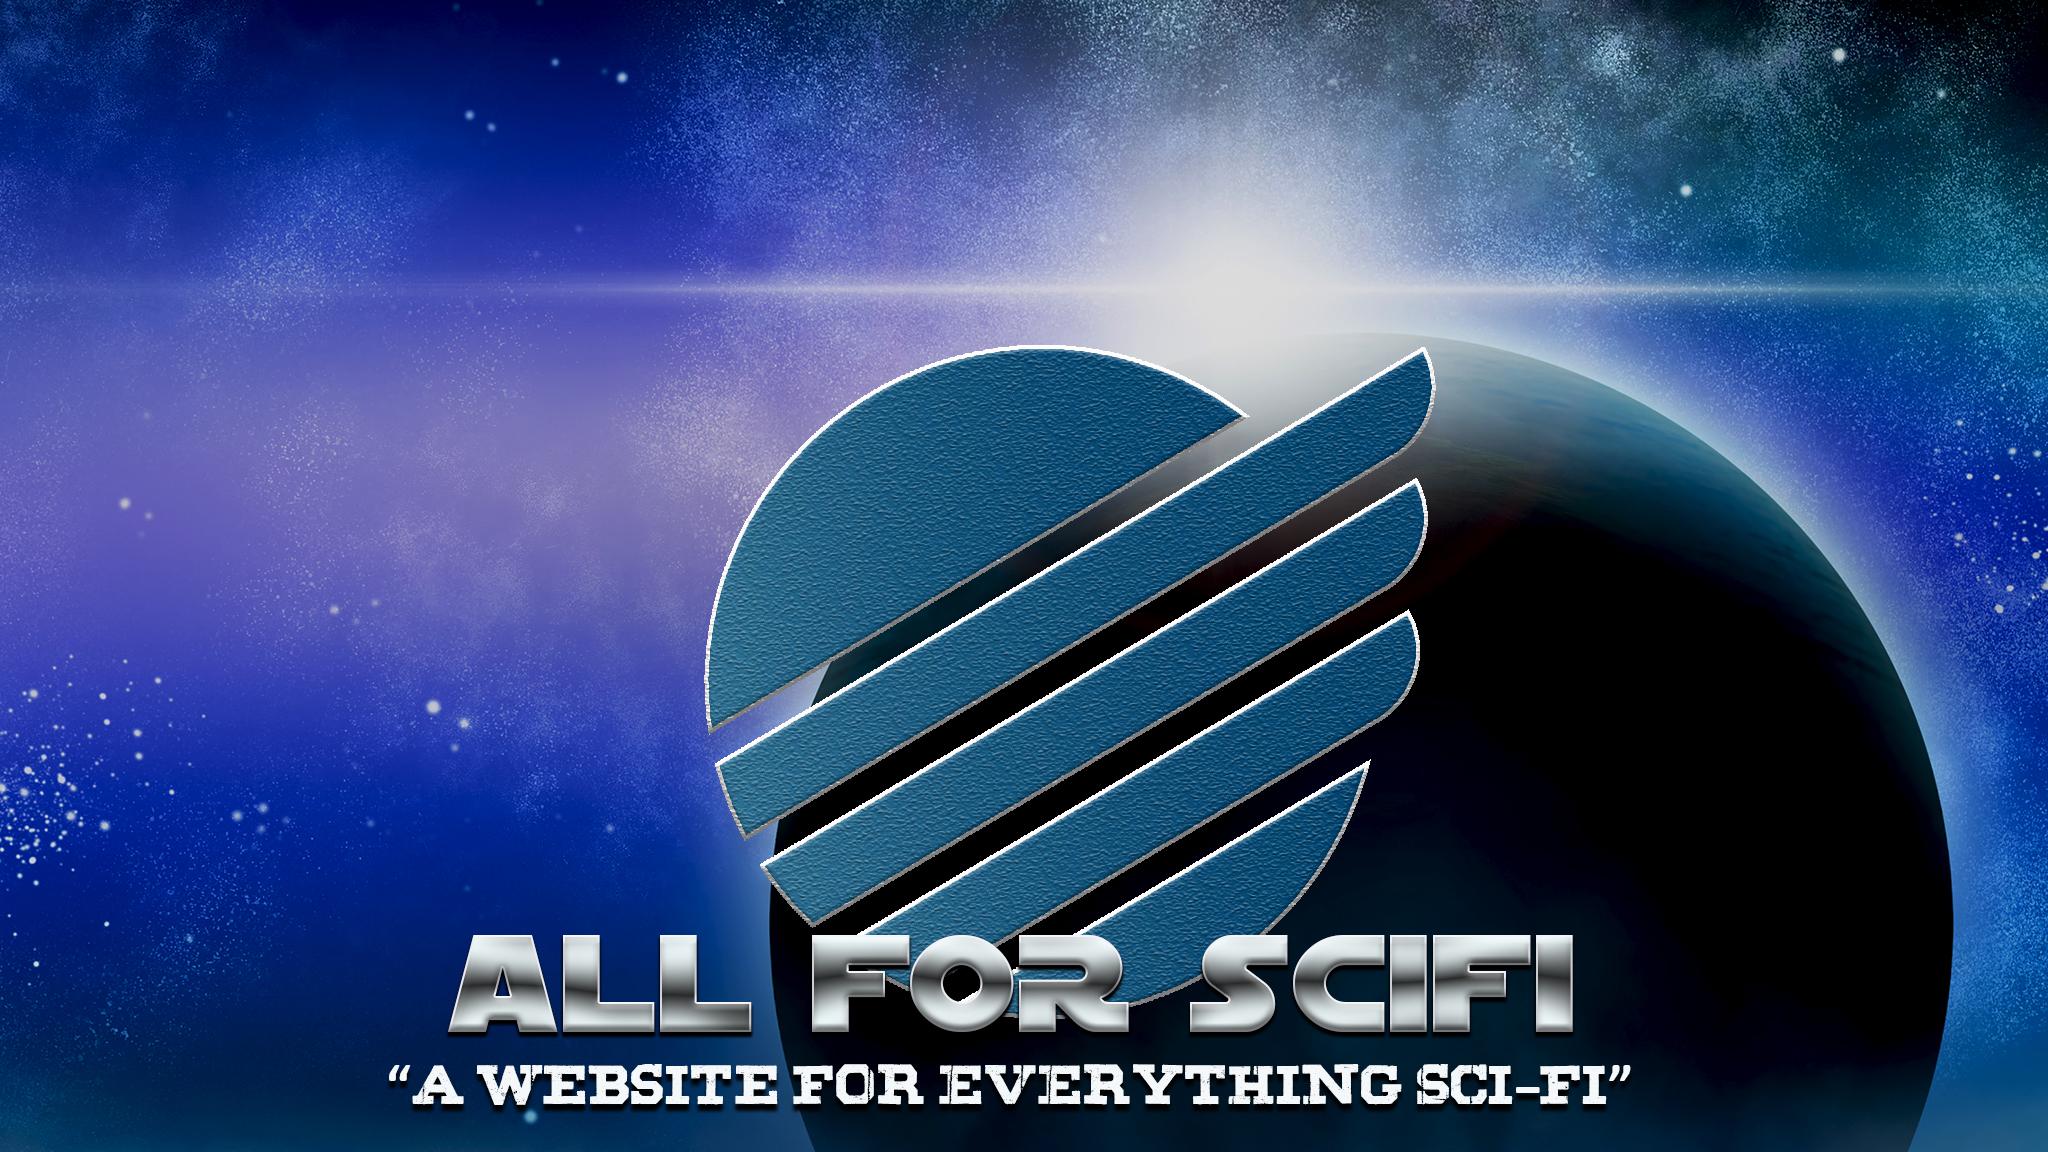 AllforScifi-Banner-website